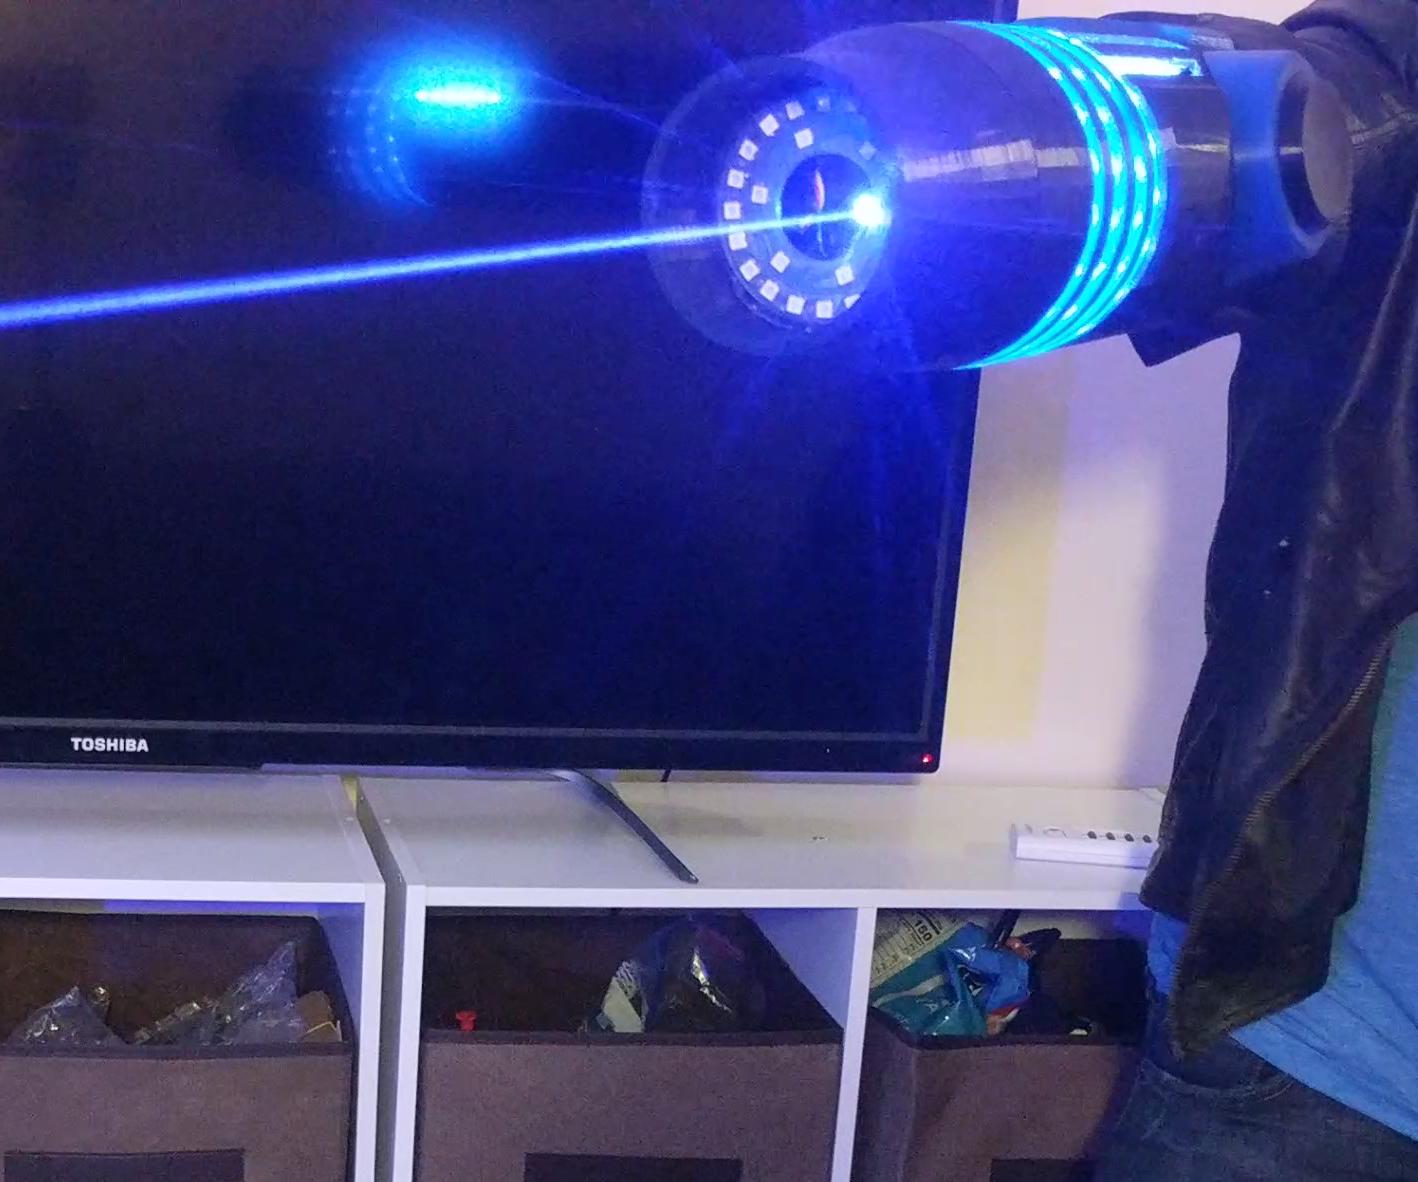 Working Laser Arm Cannon From Metroid! 2.5 Watt Samus Laser Gun